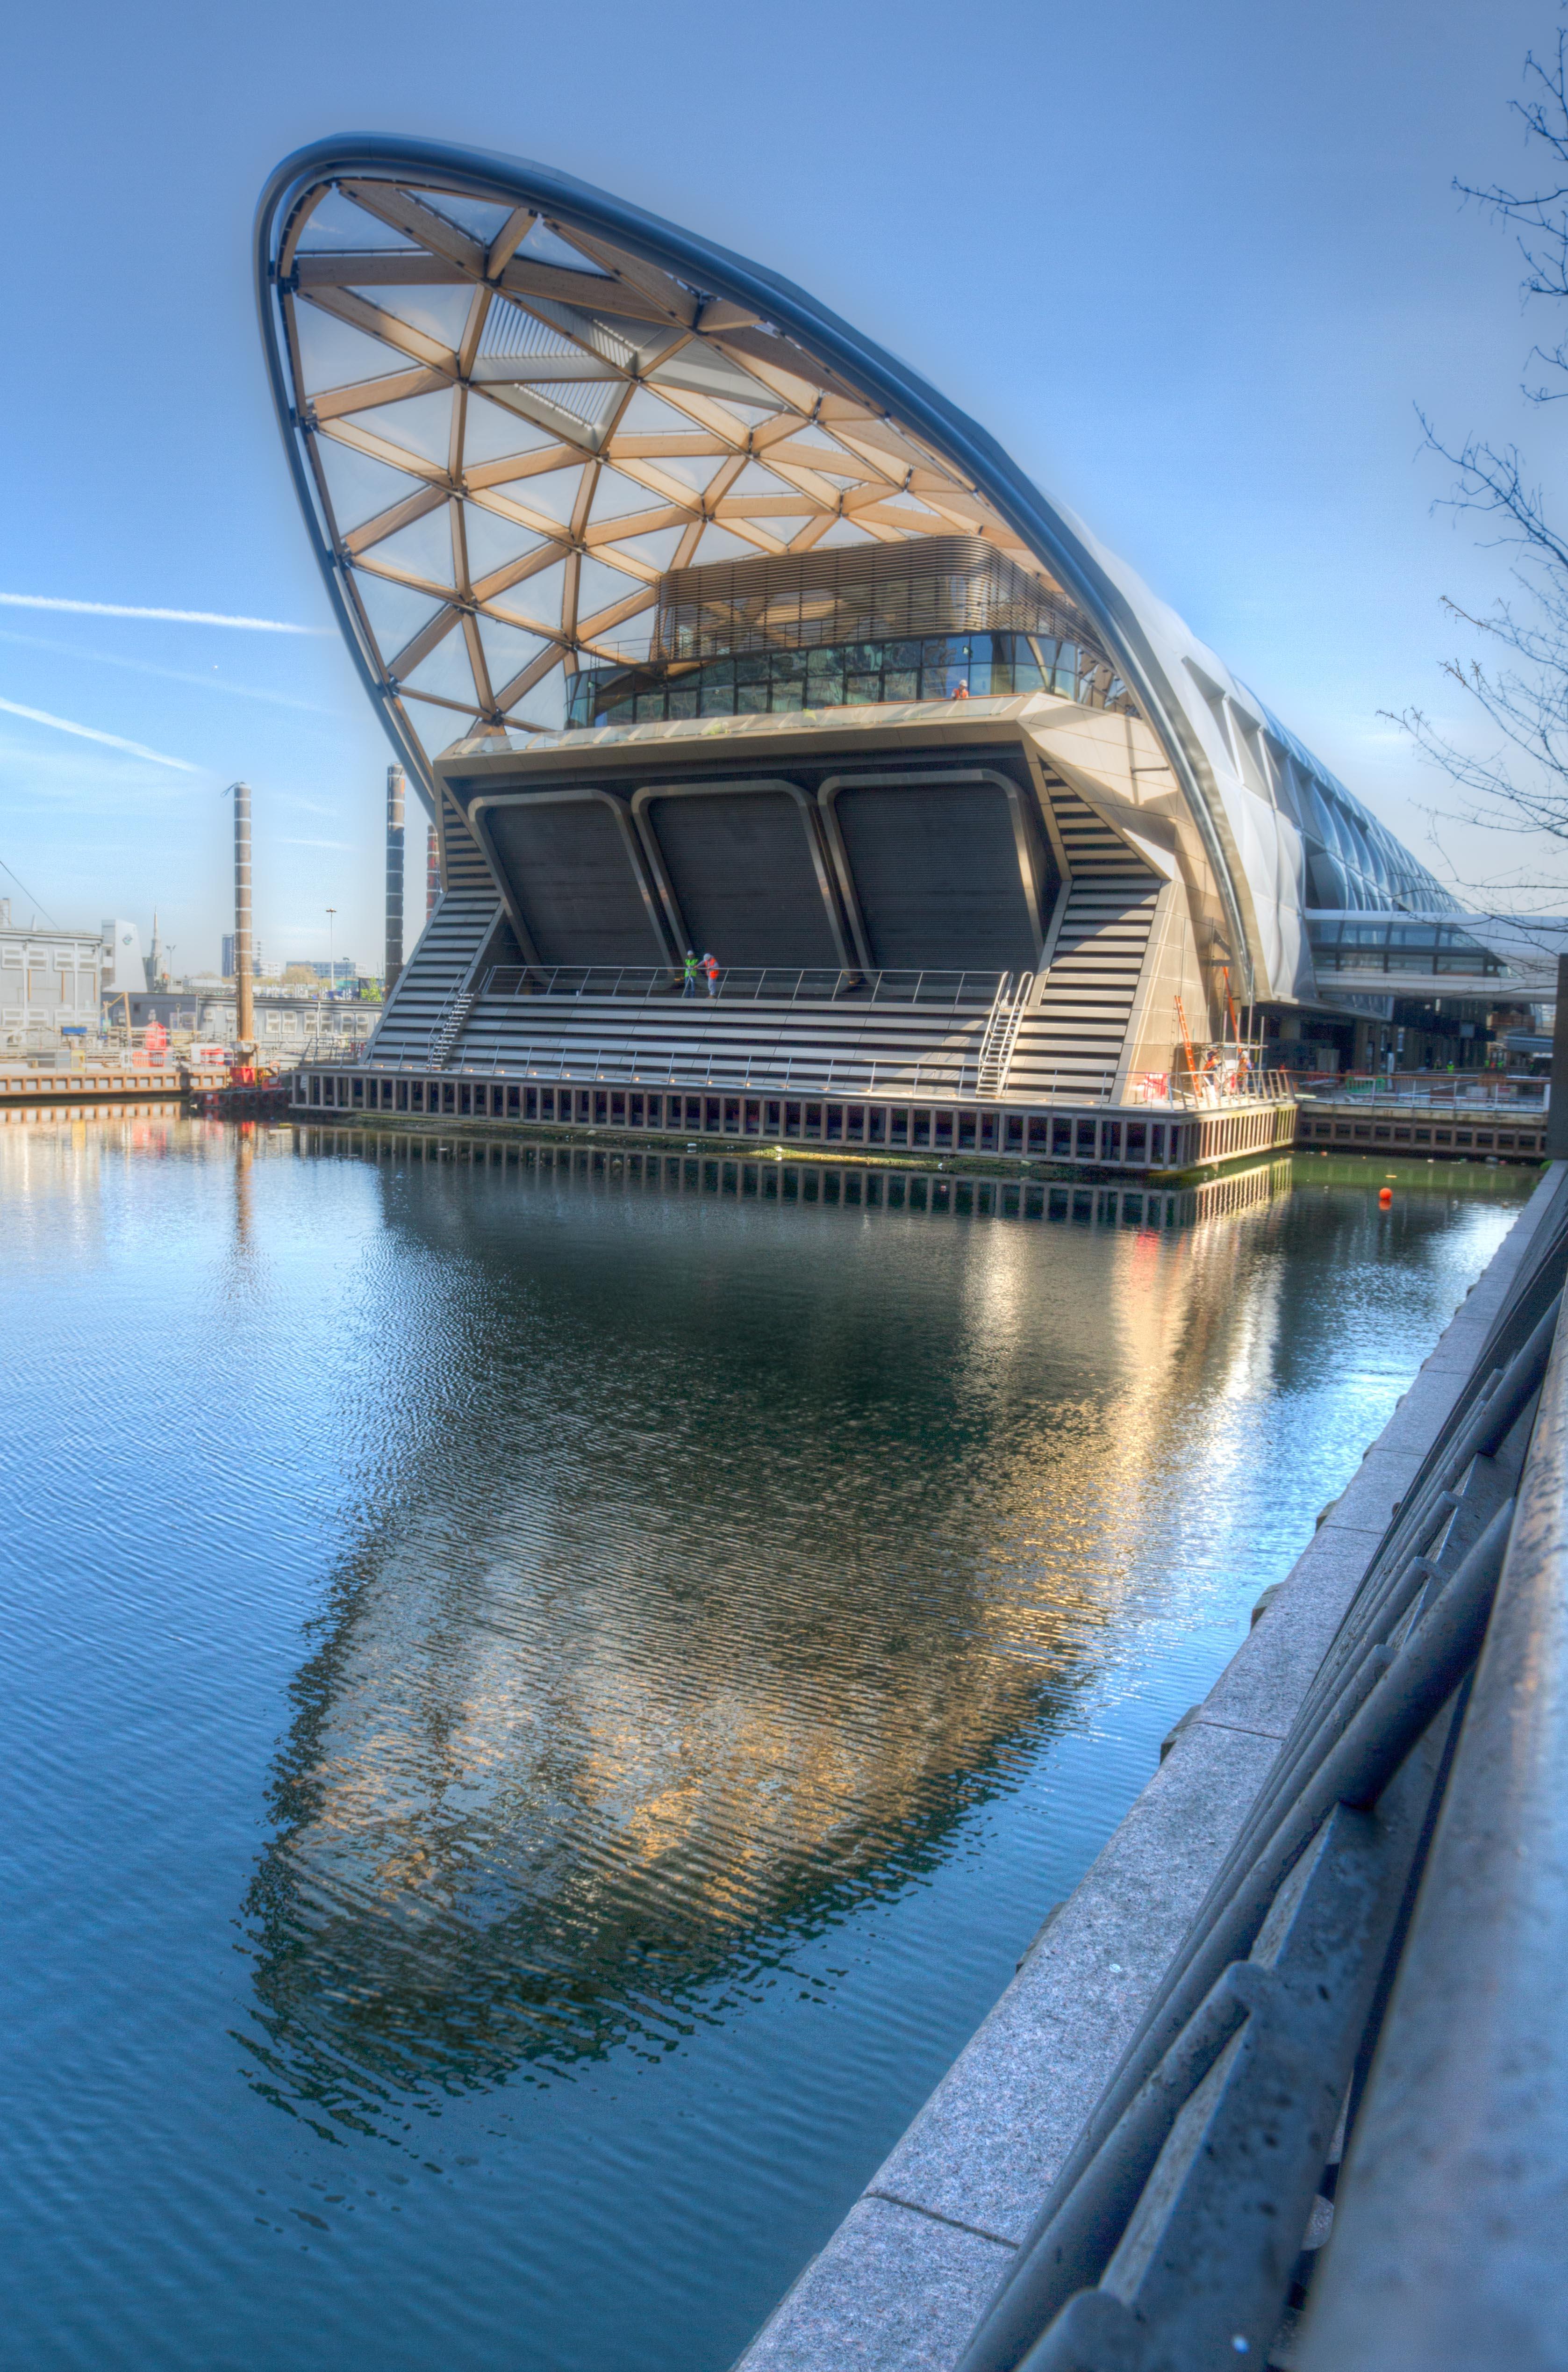 Canary Wharf Crossrail - London